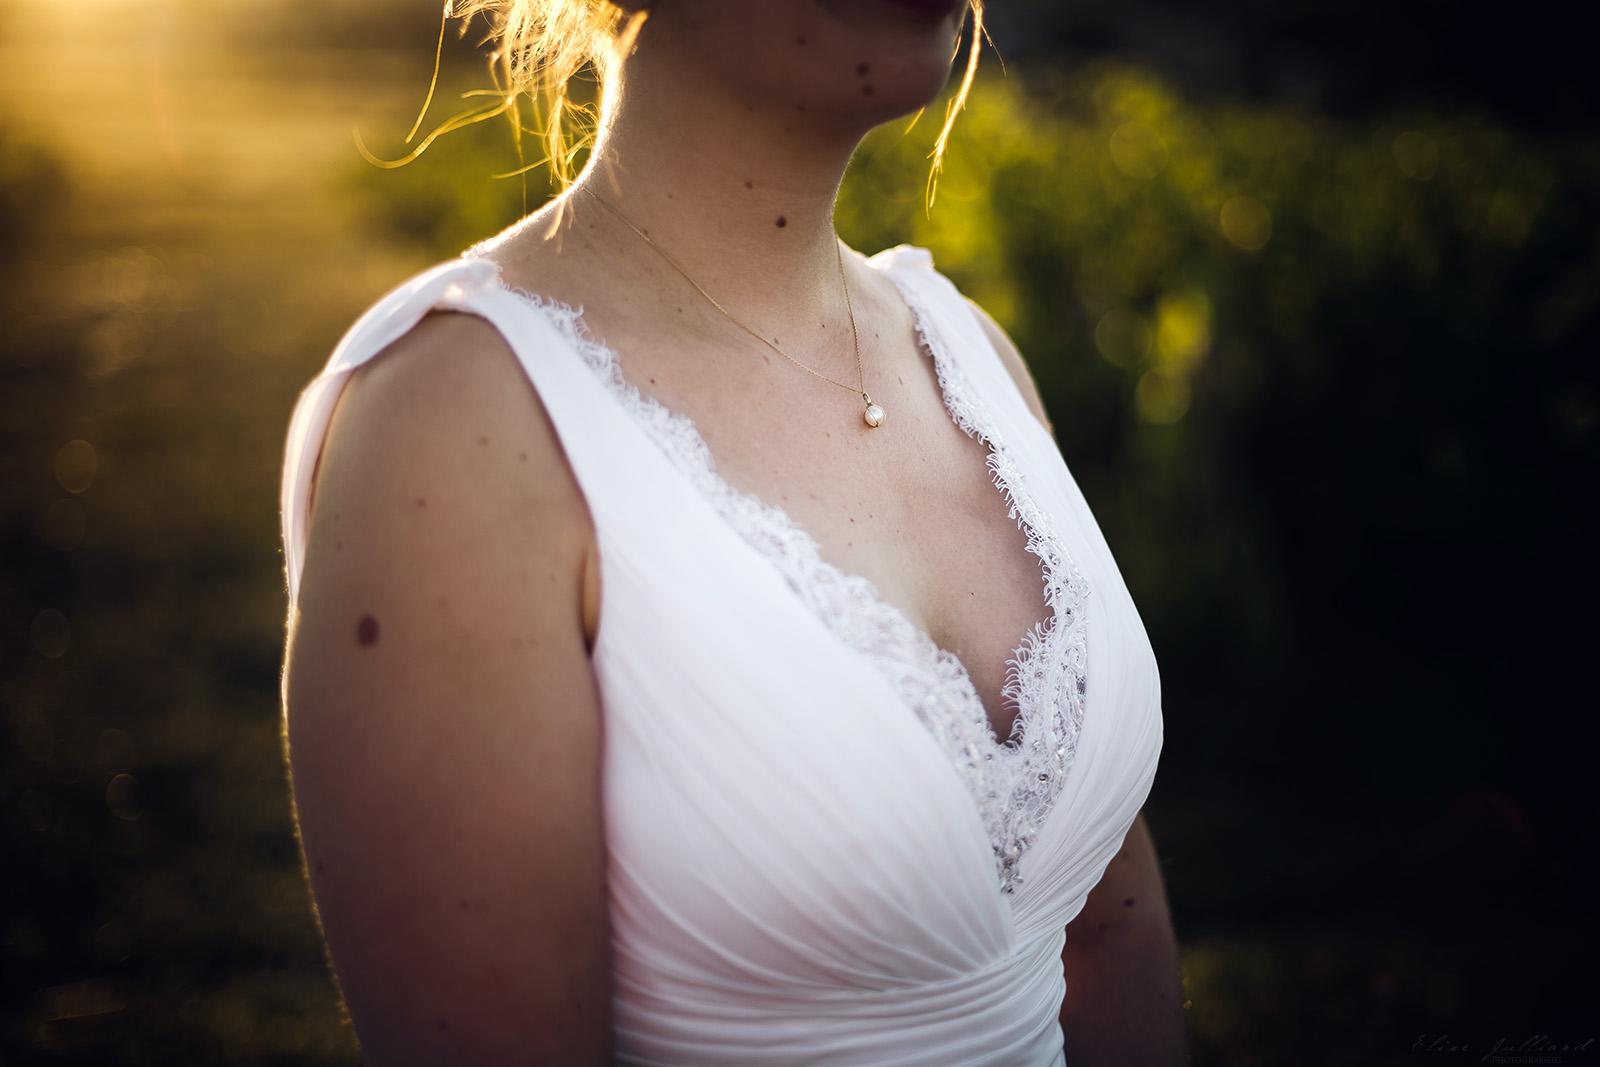 photographe-mariage-wedding-photographer-lyon-auvergne-rhone-alpes-domaine-de-benevant-benice-couple-portrait-beaujolais-10